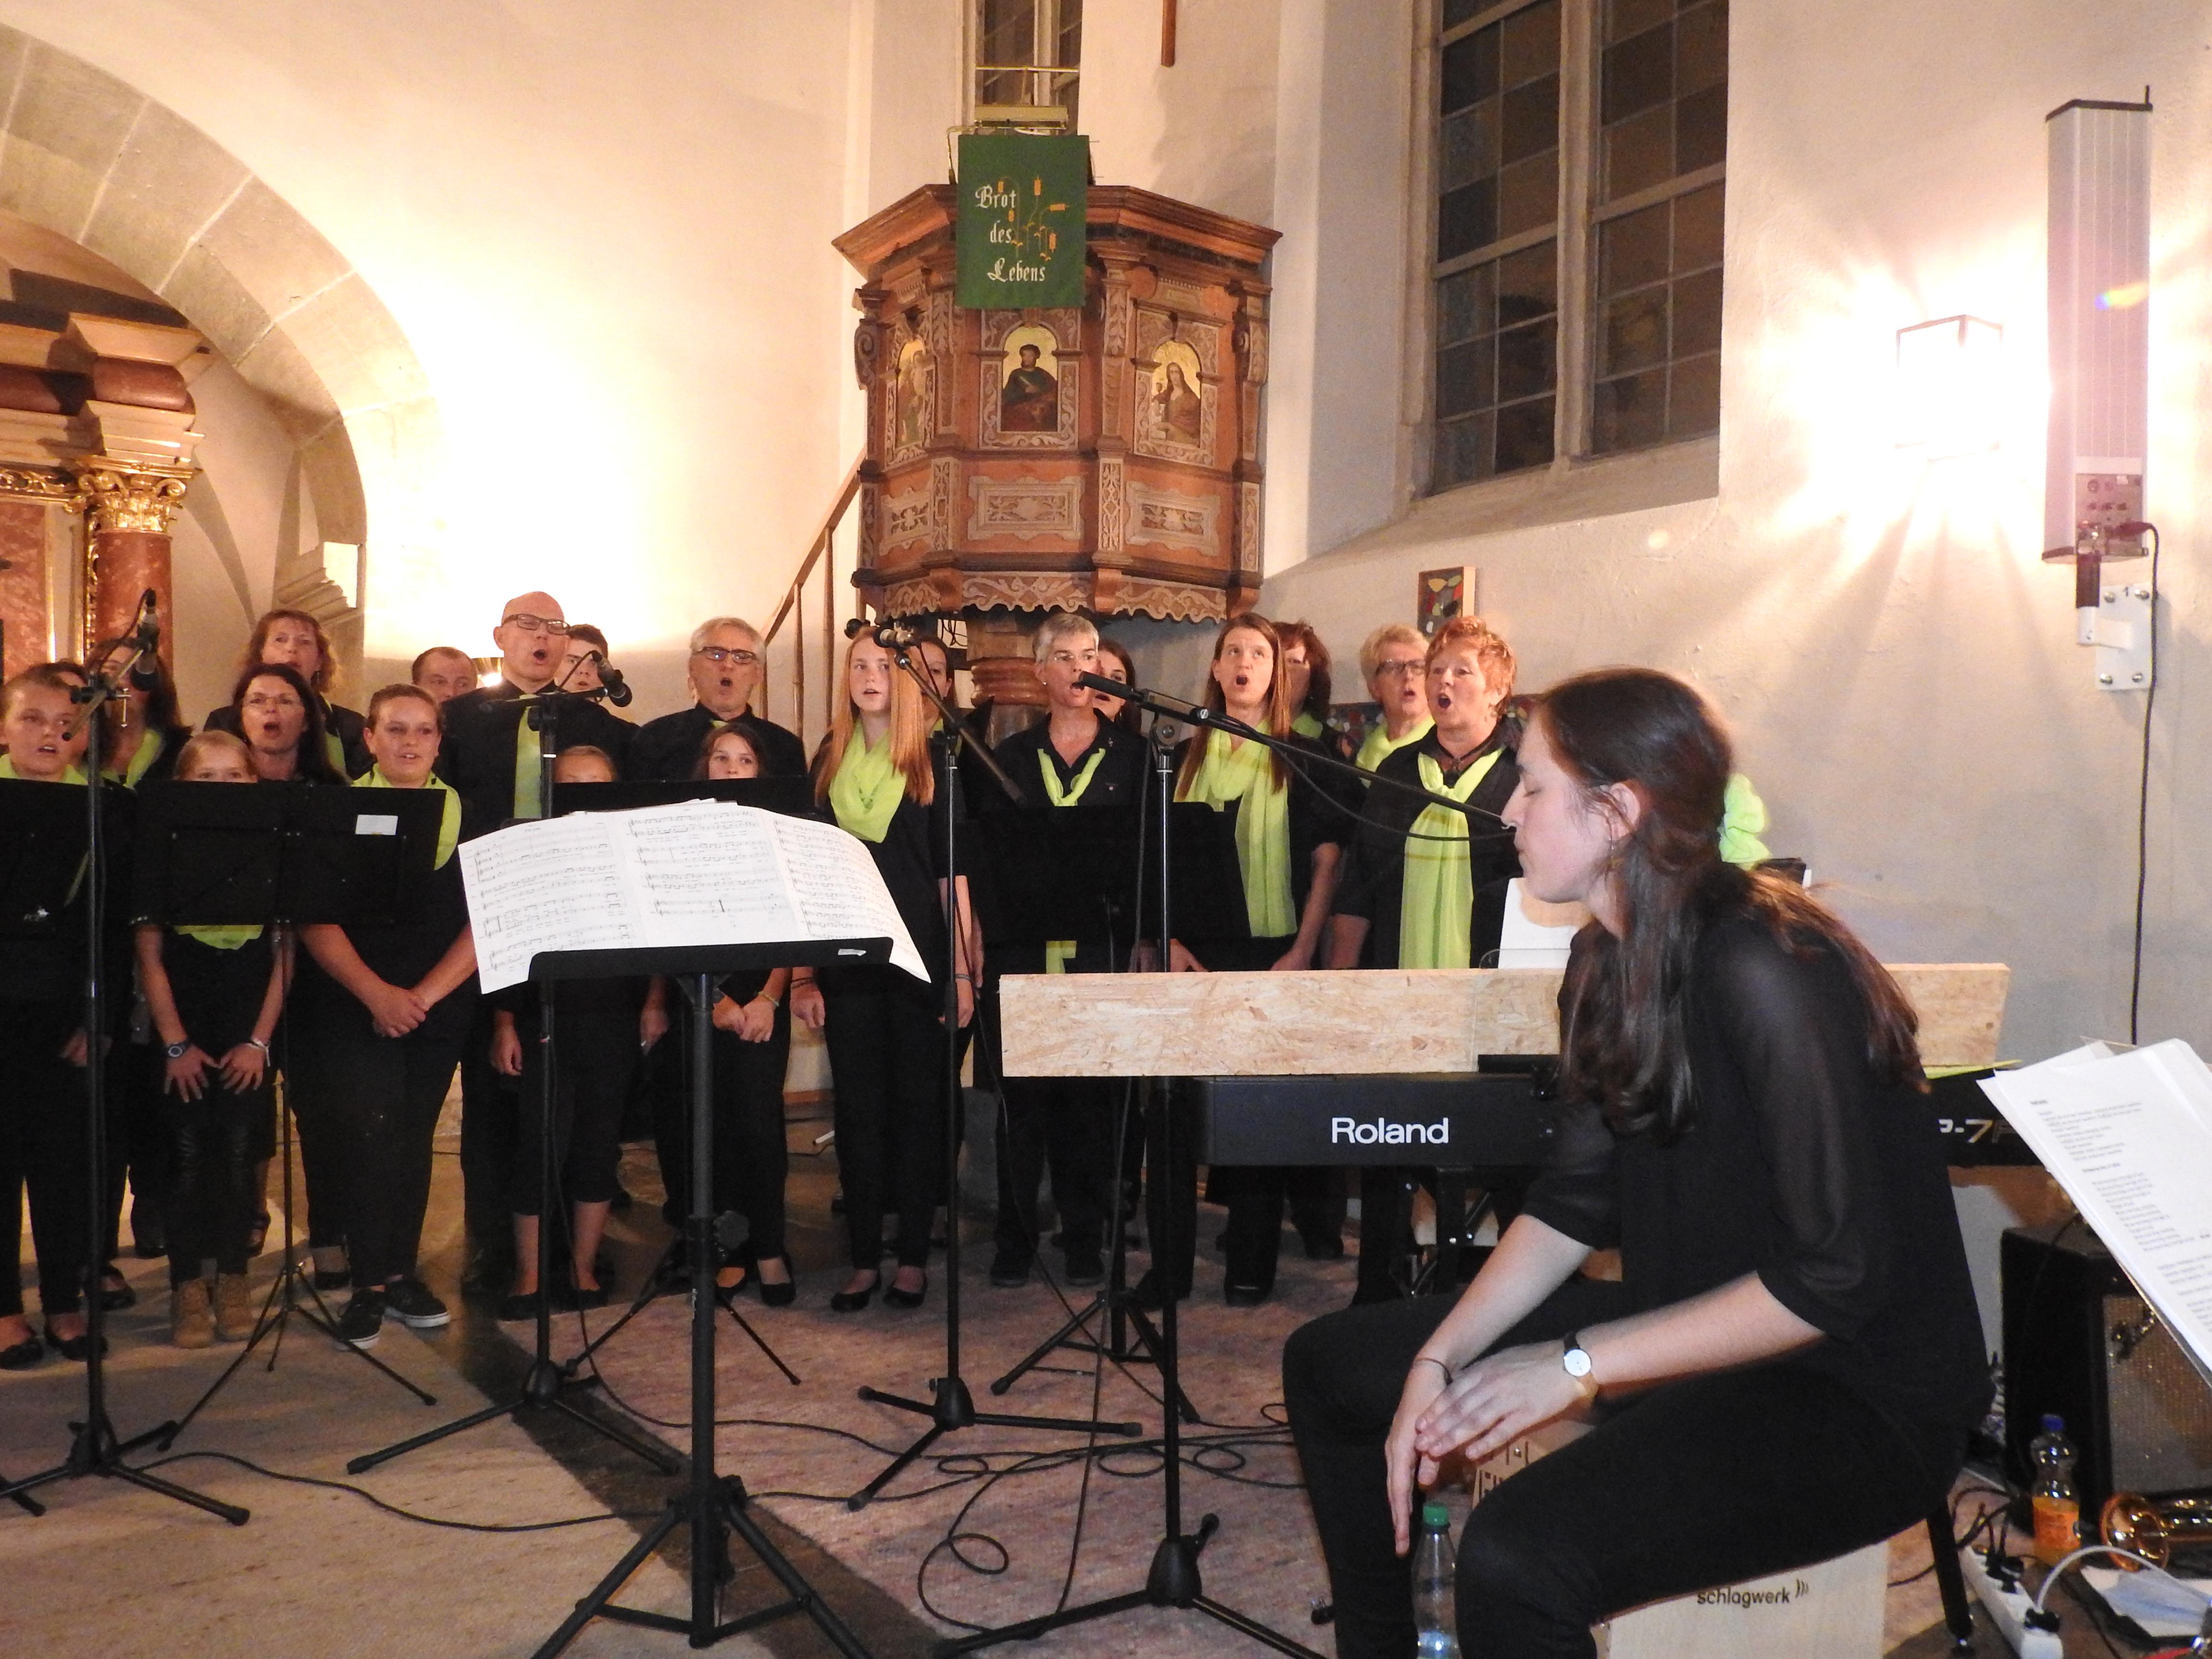 Atem holen - Buchbrunn (25.09.2016)